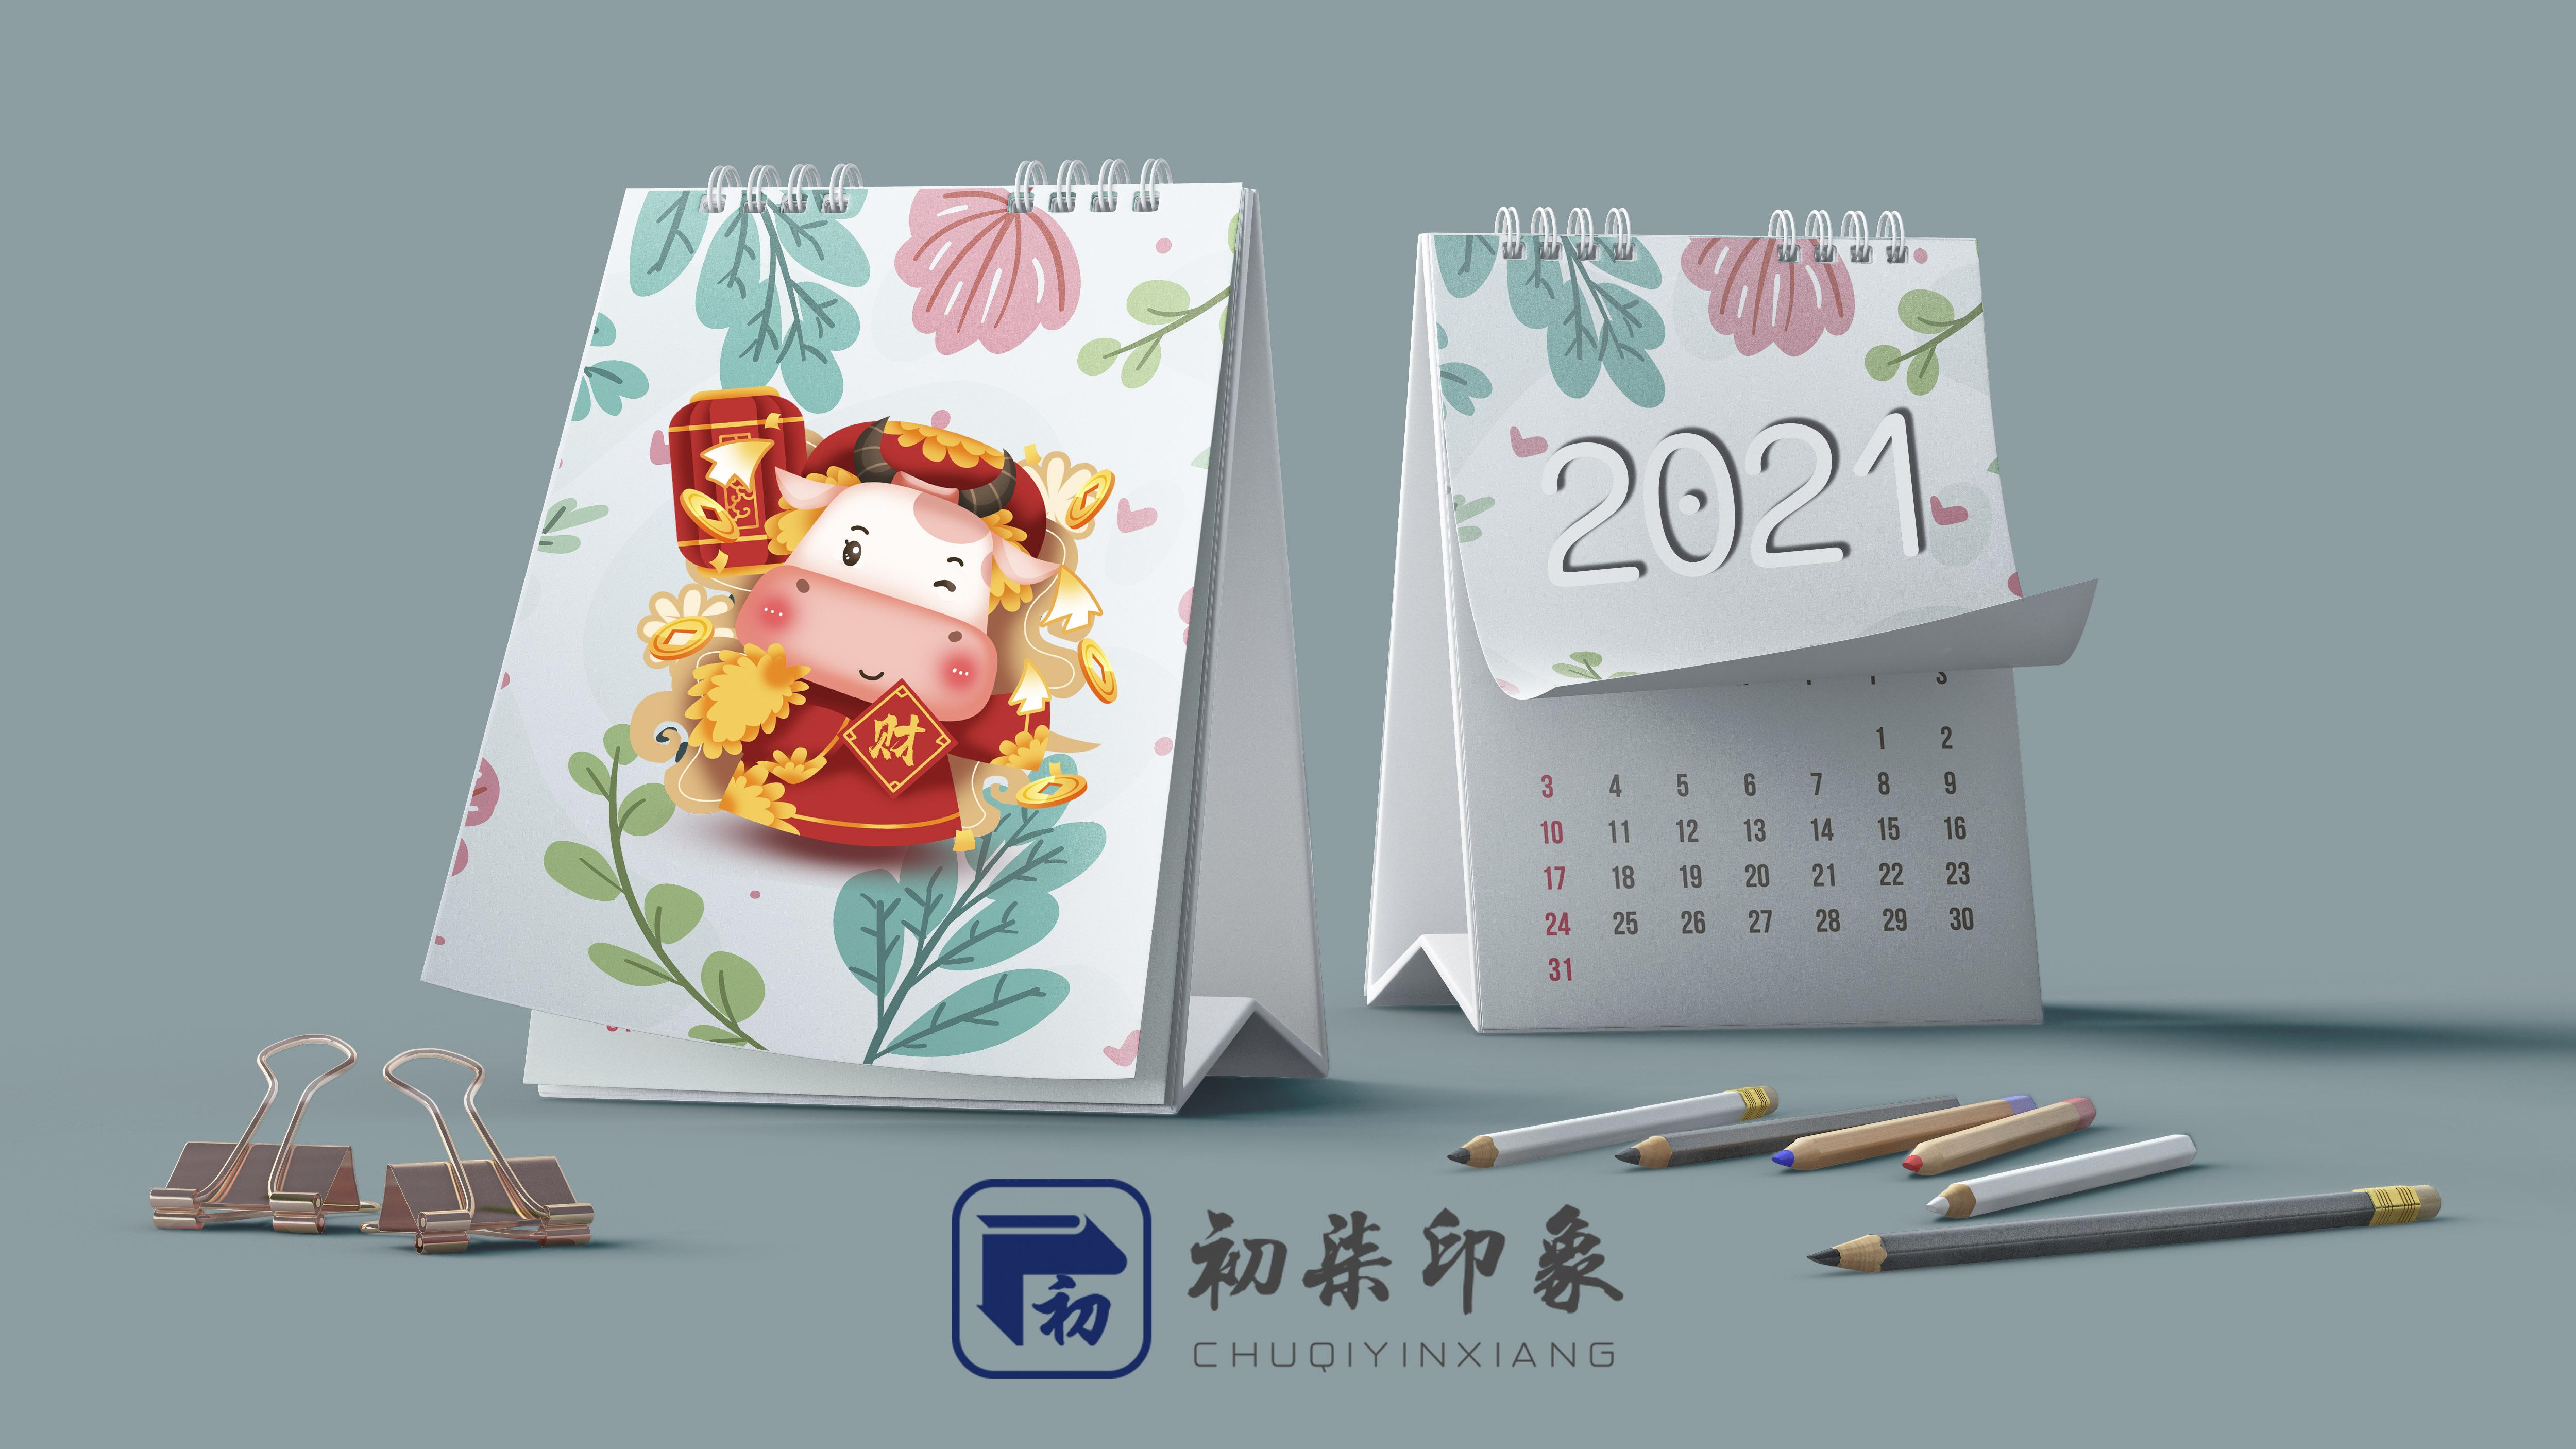 2021年新年快乐 2020年重在参与,2021年重在脱单,那2021年最想做的事呢?插图